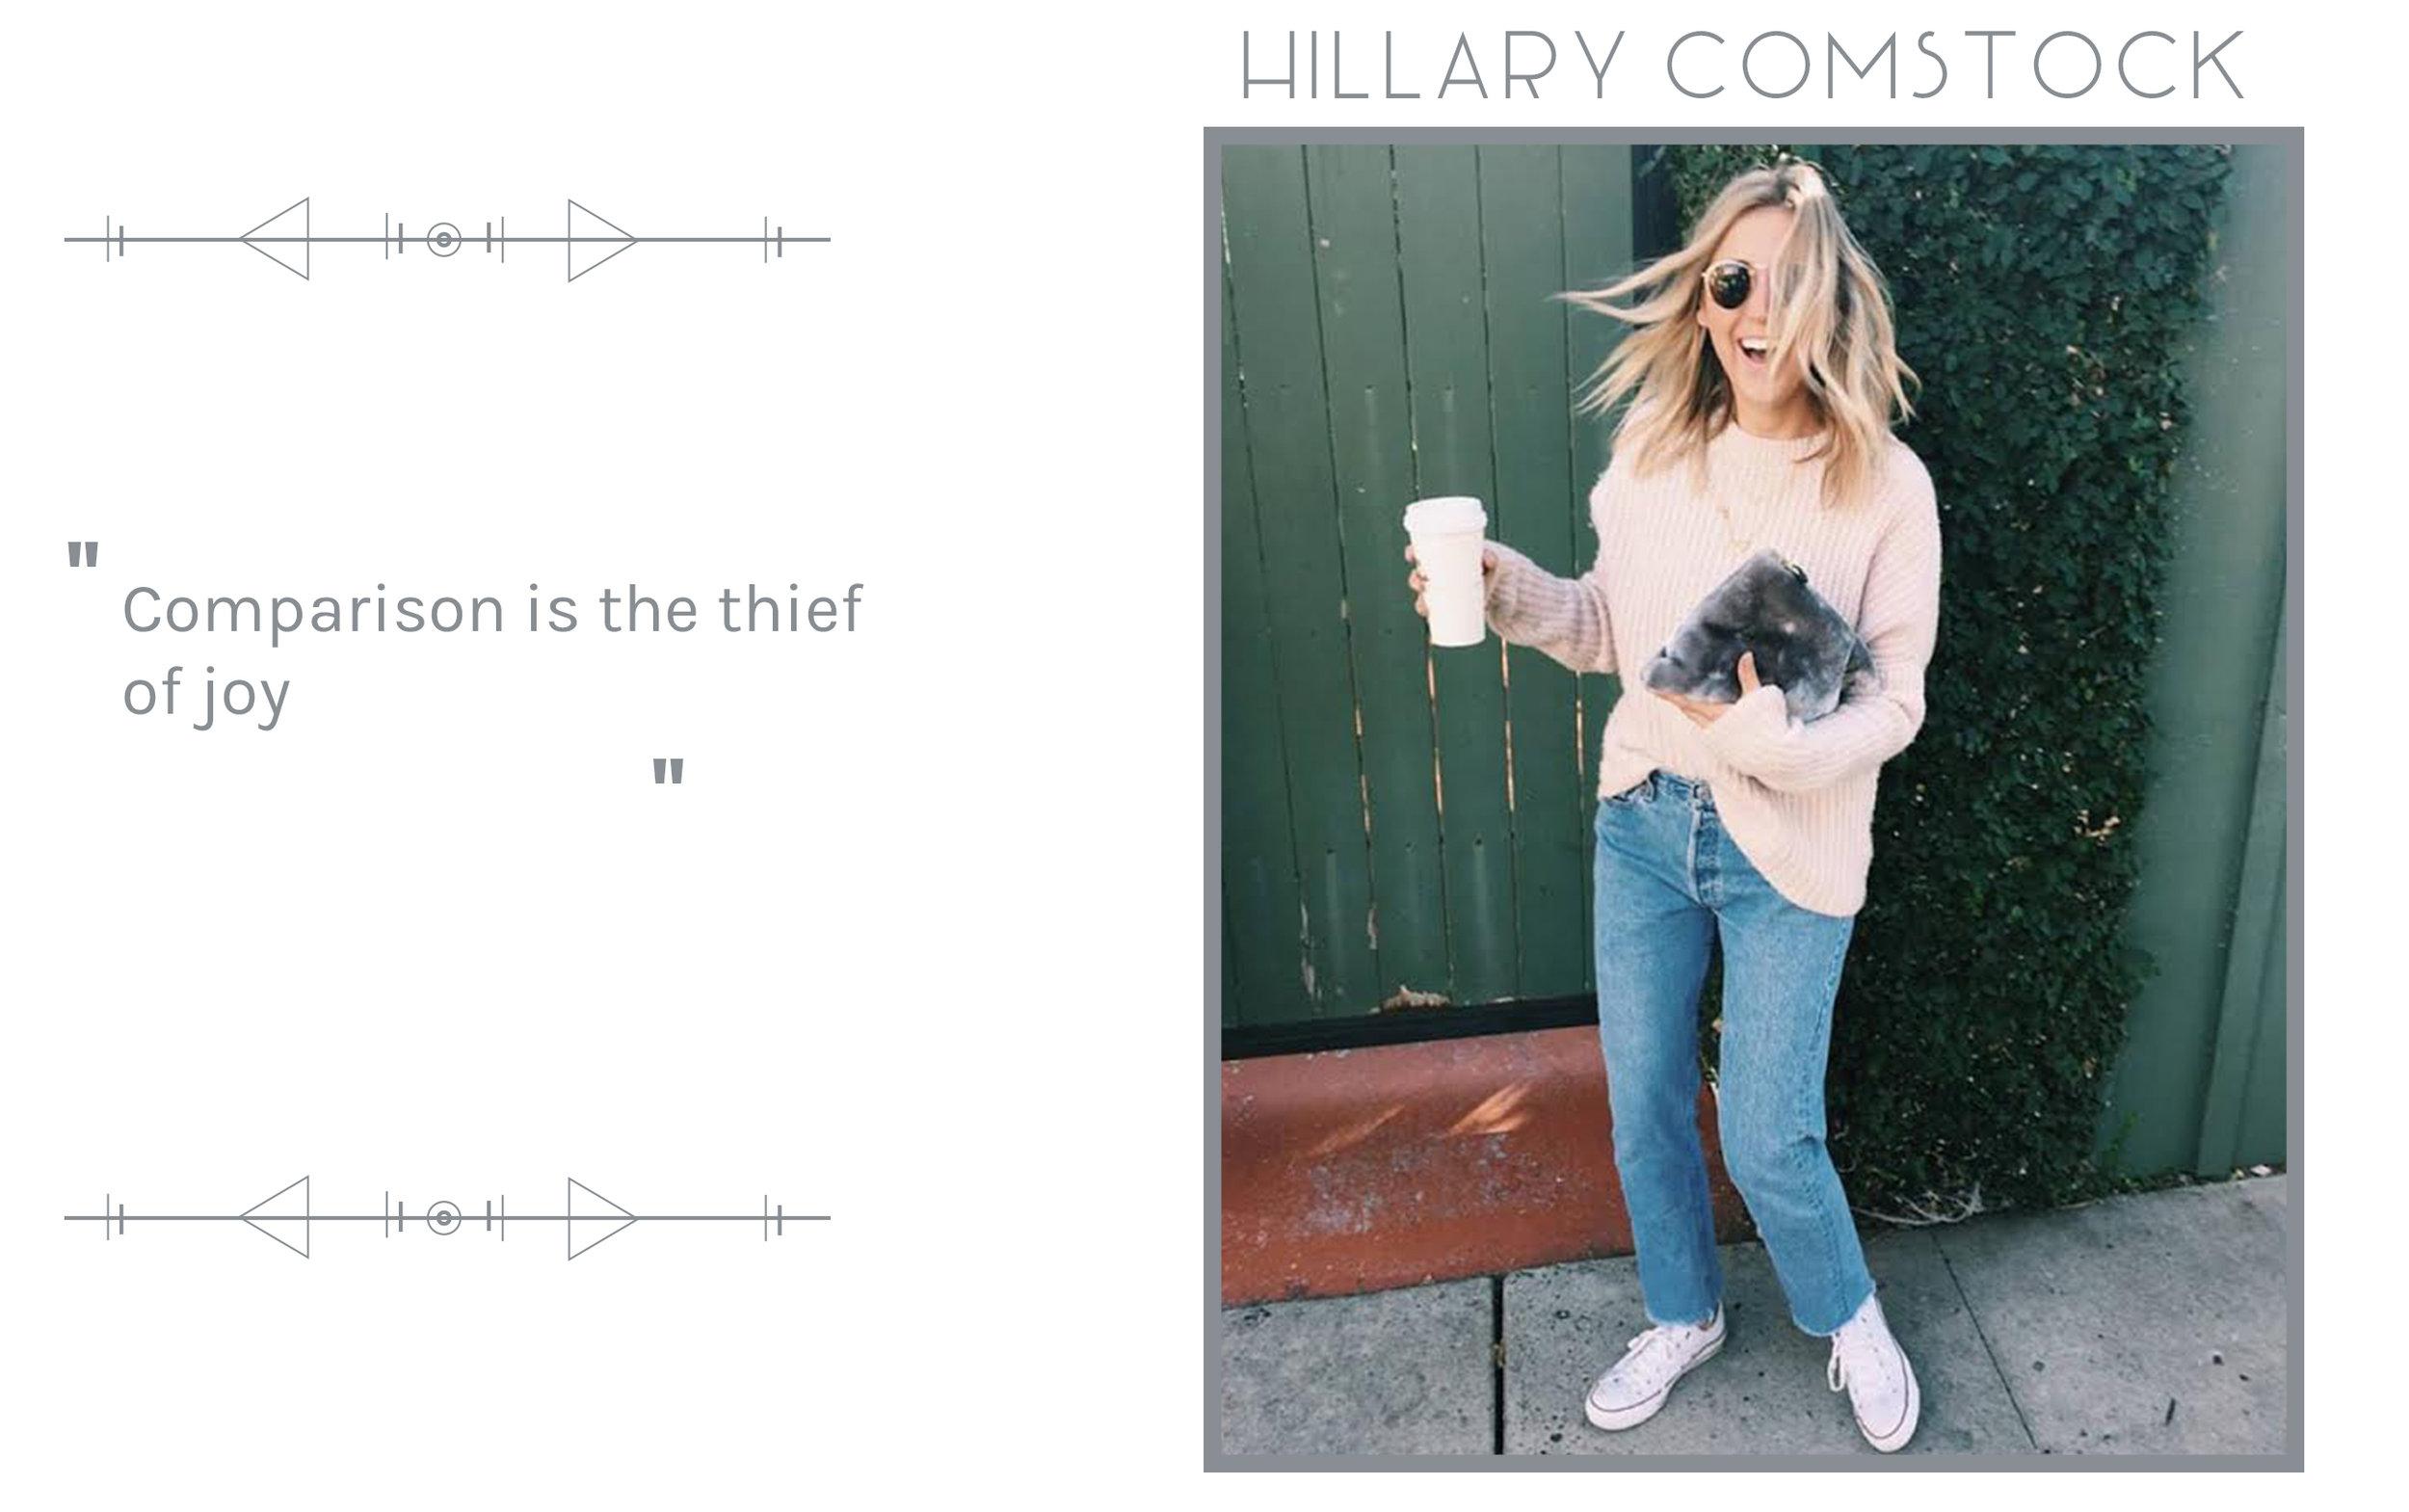 Hillary_Comstock_quote_main.jpg